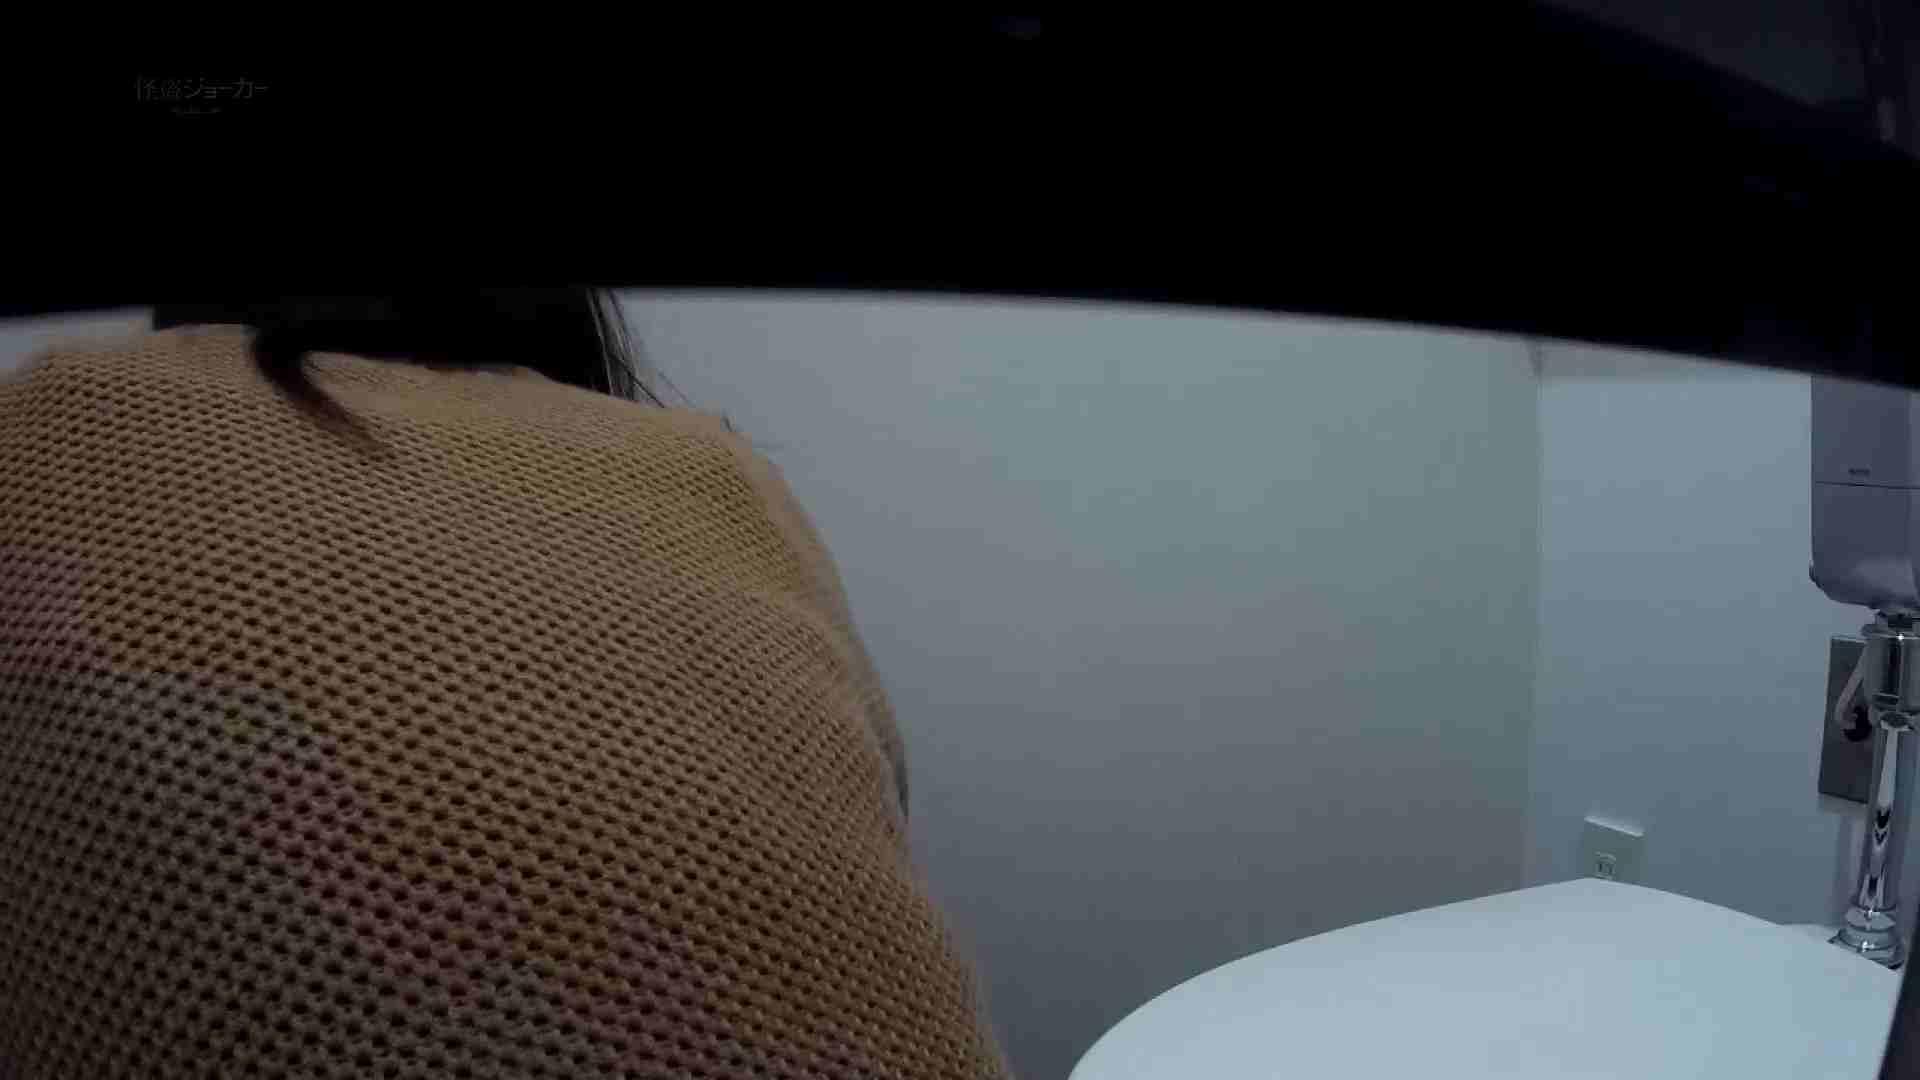 有名大学女性洗面所 vol.54 設置撮影最高峰!! 3視点でじっくり観察 洗面所着替え | 投稿  33連発 23